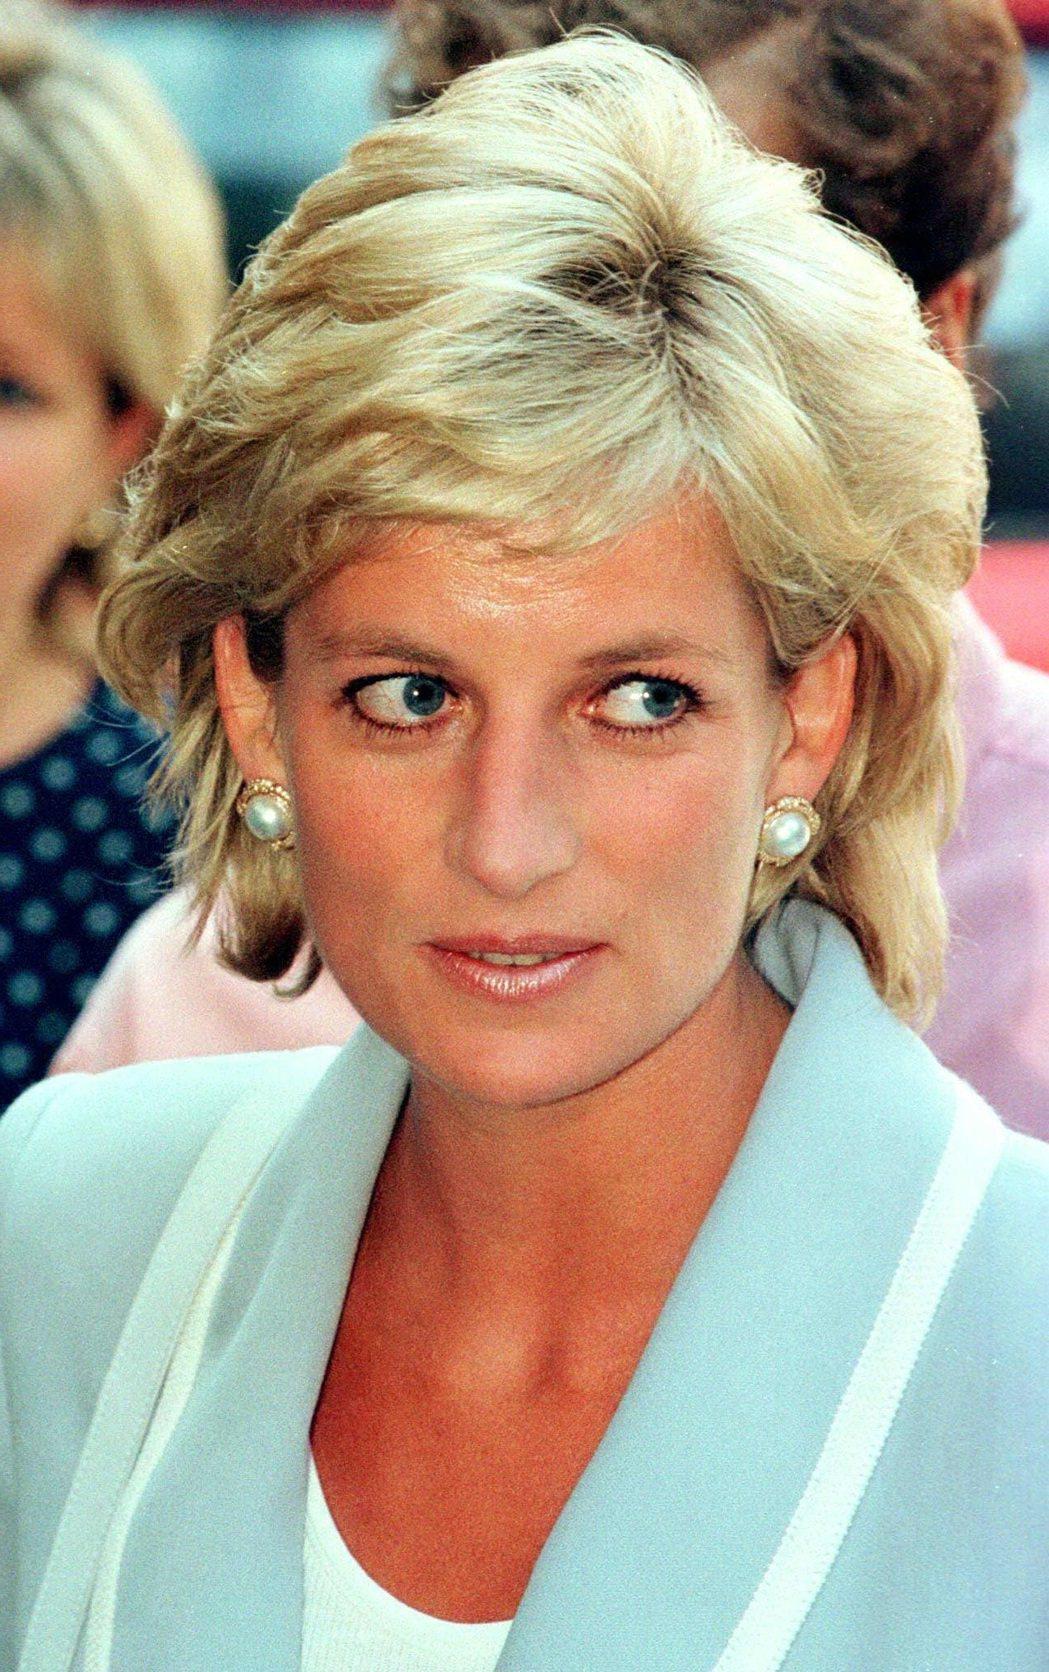 黛安娜雖已去世超過20年,依舊受到廣大英國民眾喜愛、懷念。圖/路透資料照片